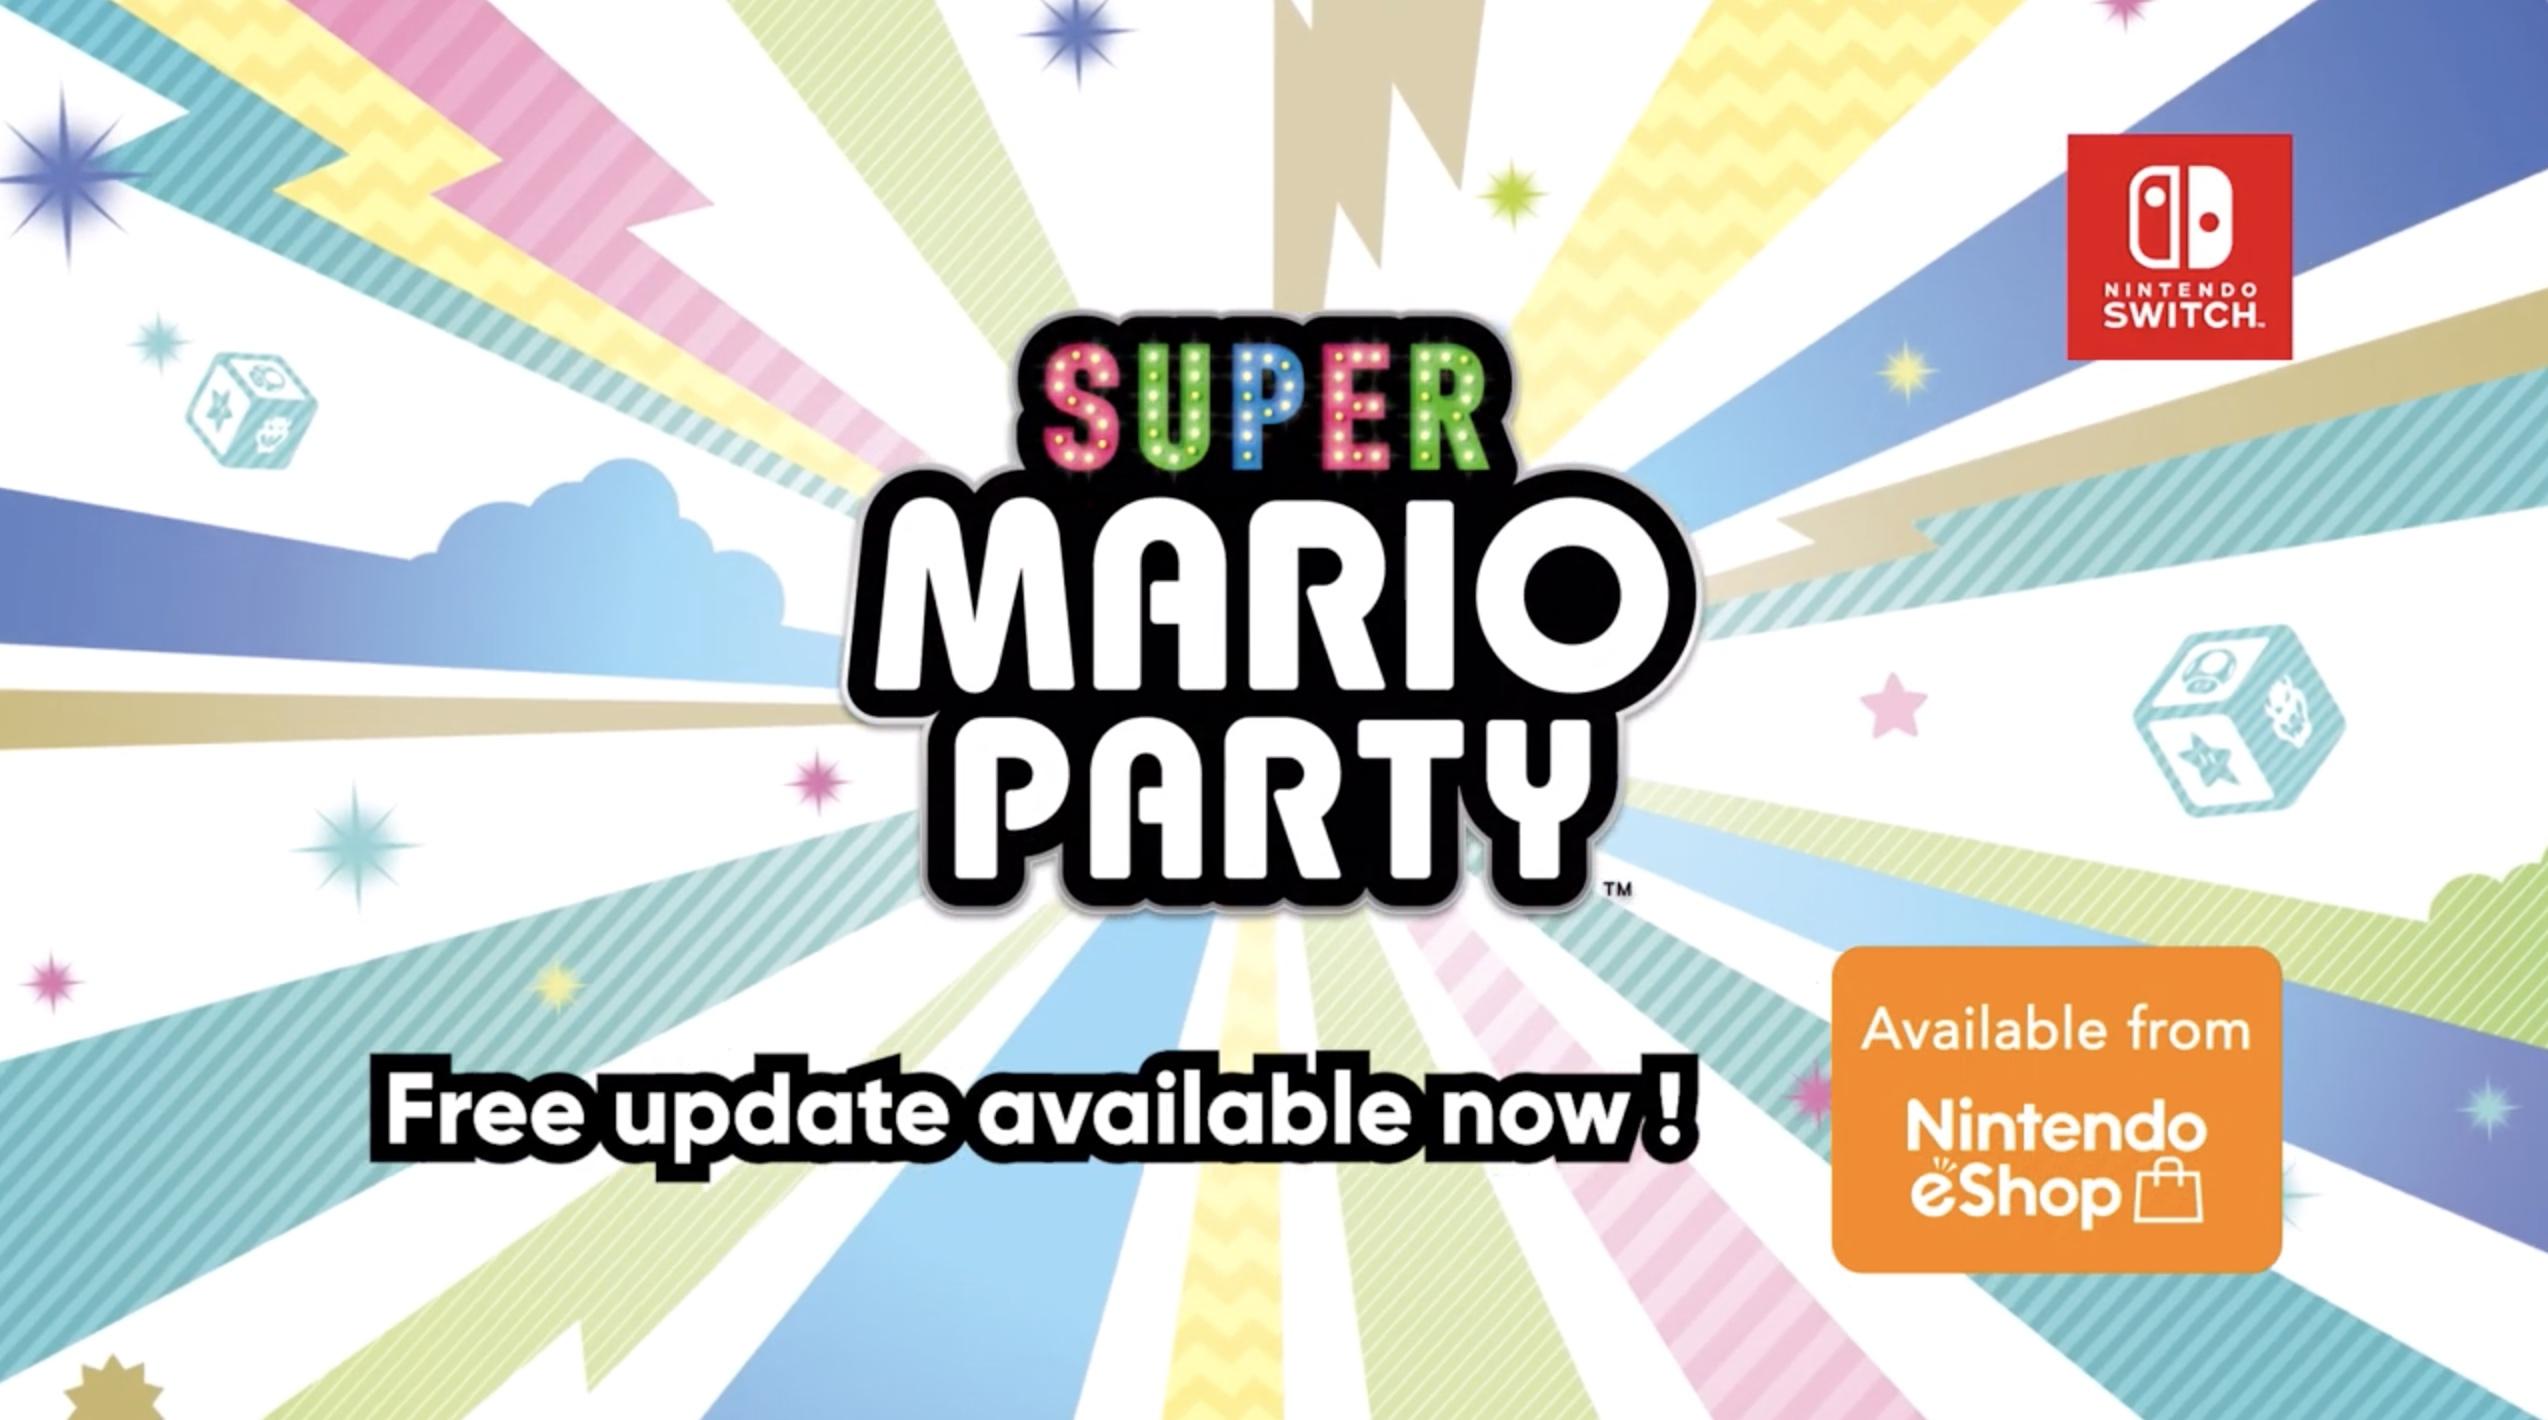 Super Mario Party Update